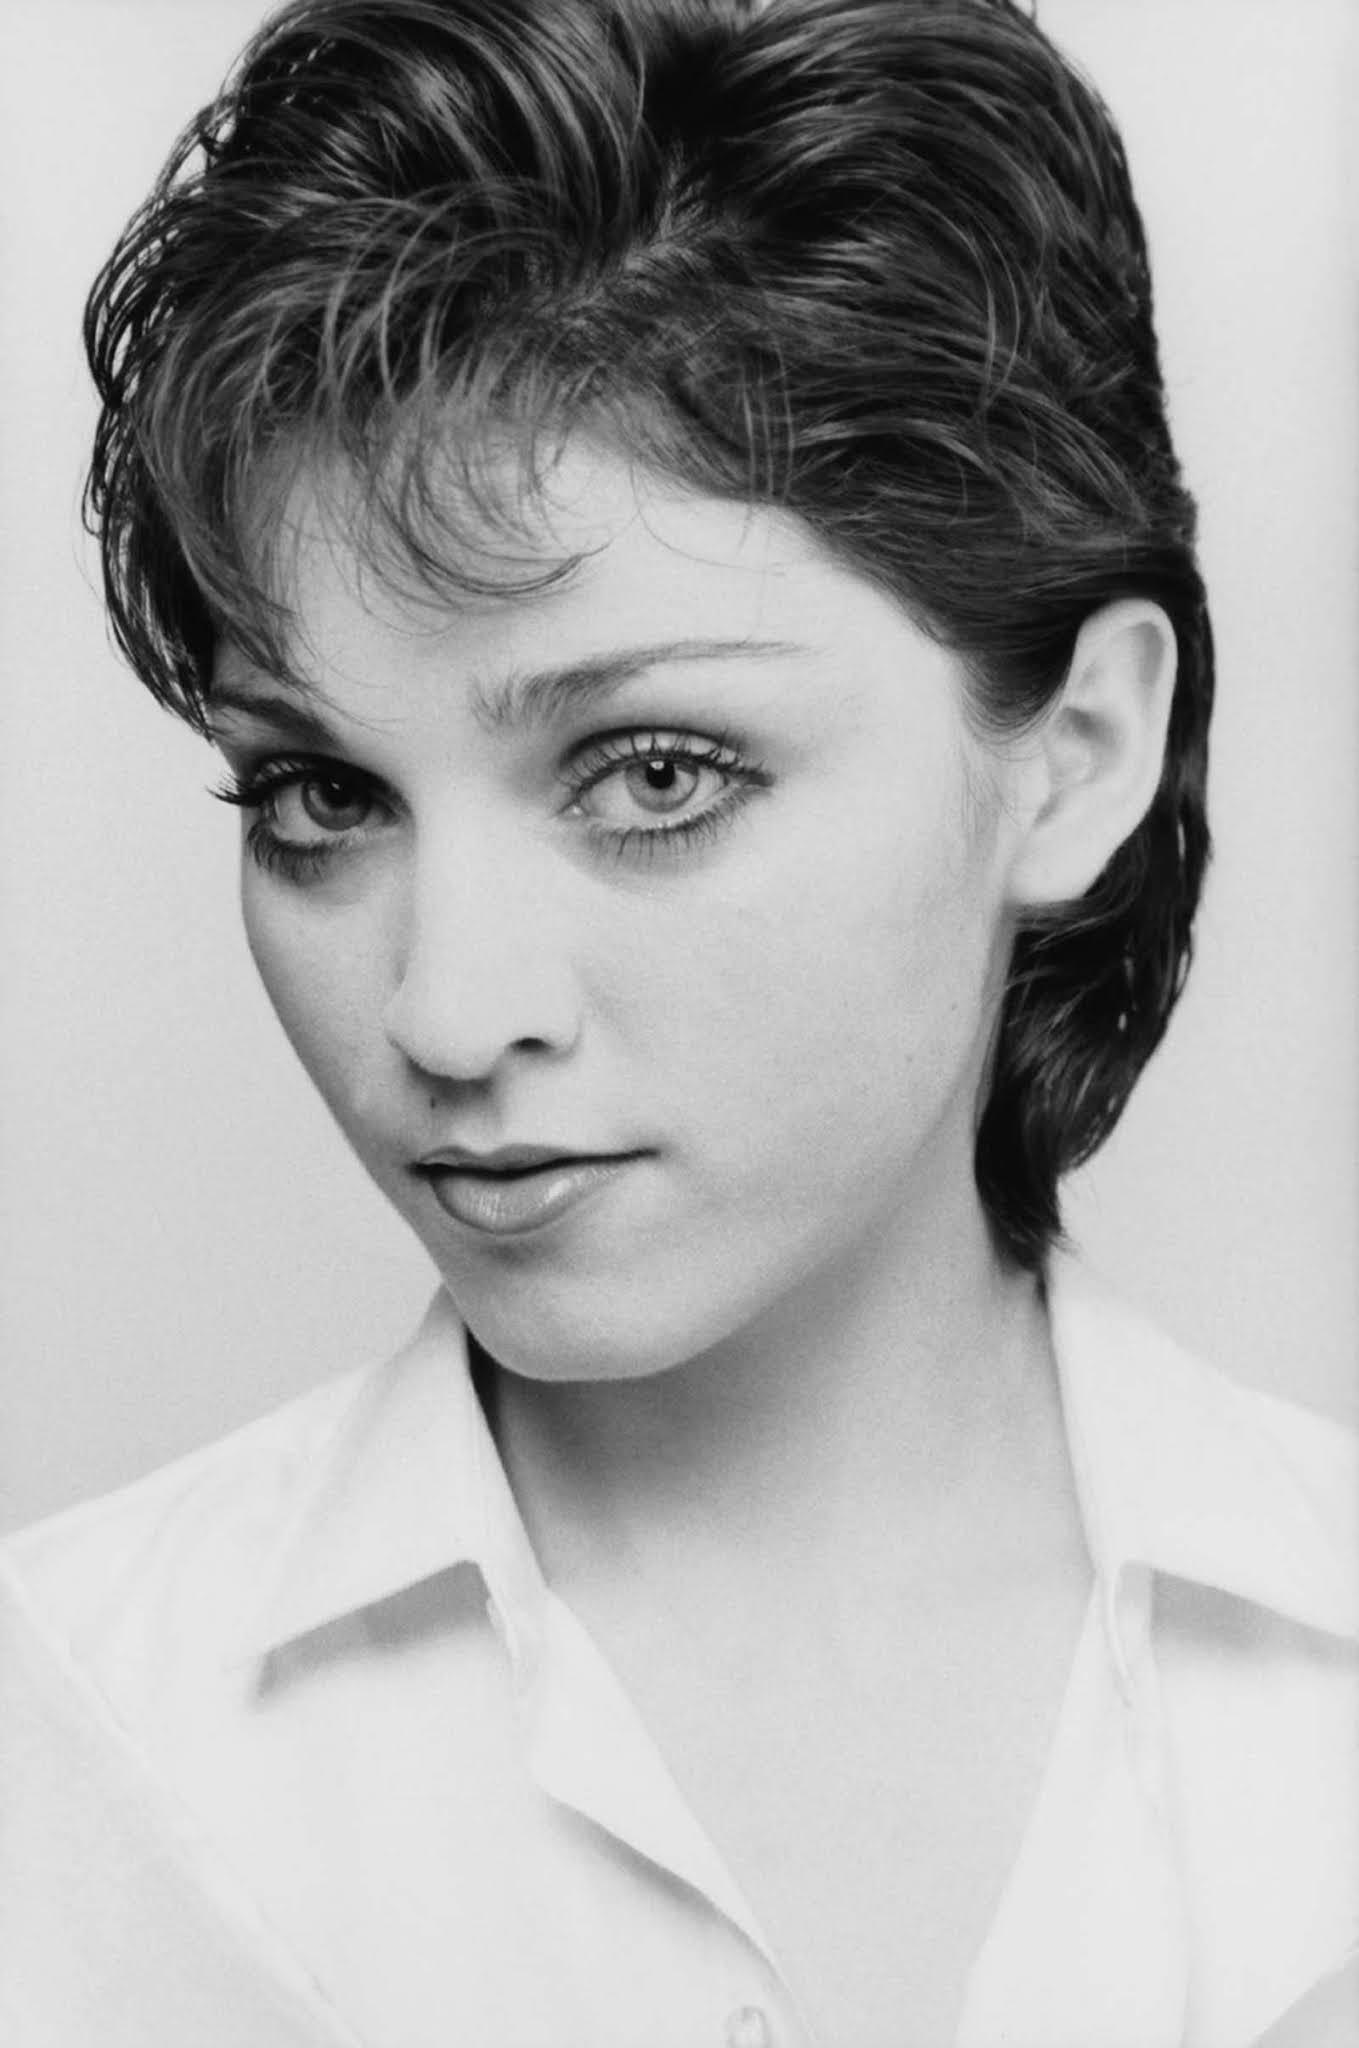 Une inconnue et jeune Madonna dans les photoshoots de Michael McDonnell, 1978-1979